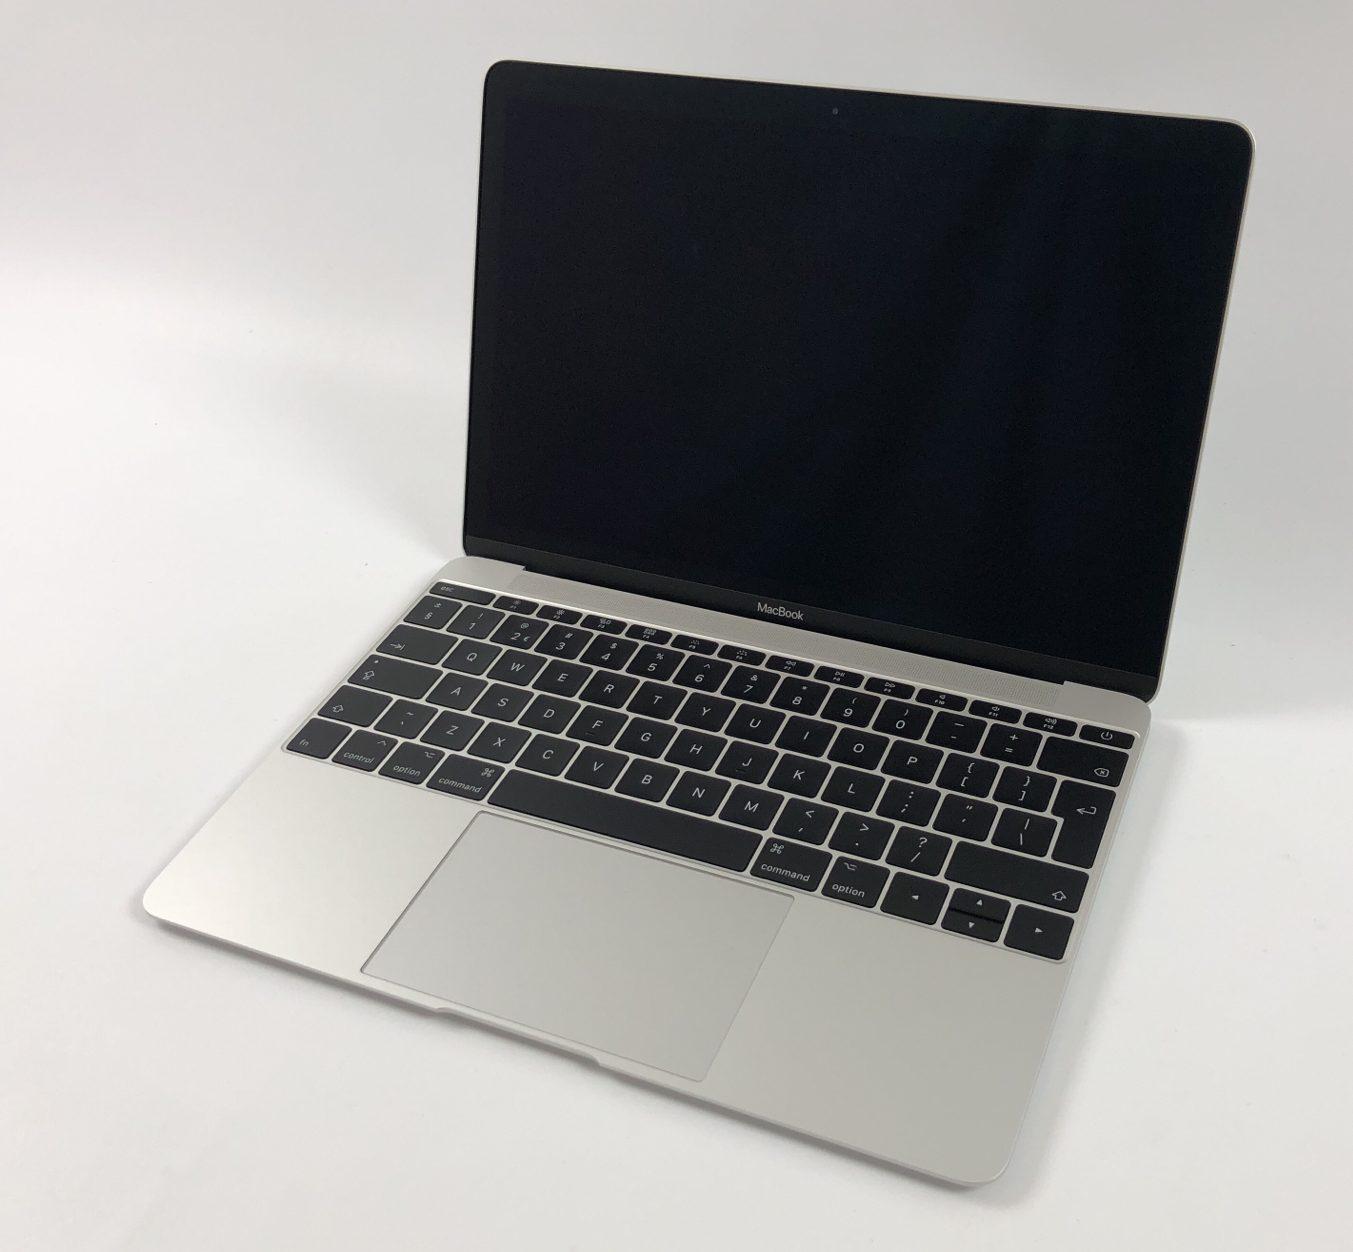 """MacBook 12"""" Mid 2017 (Intel Core i5 1.3 GHz 8 GB RAM 512 GB SSD), Silver, Intel Core i5 1.3 GHz, 8 GB RAM, 512 GB SSD, Afbeelding 1"""